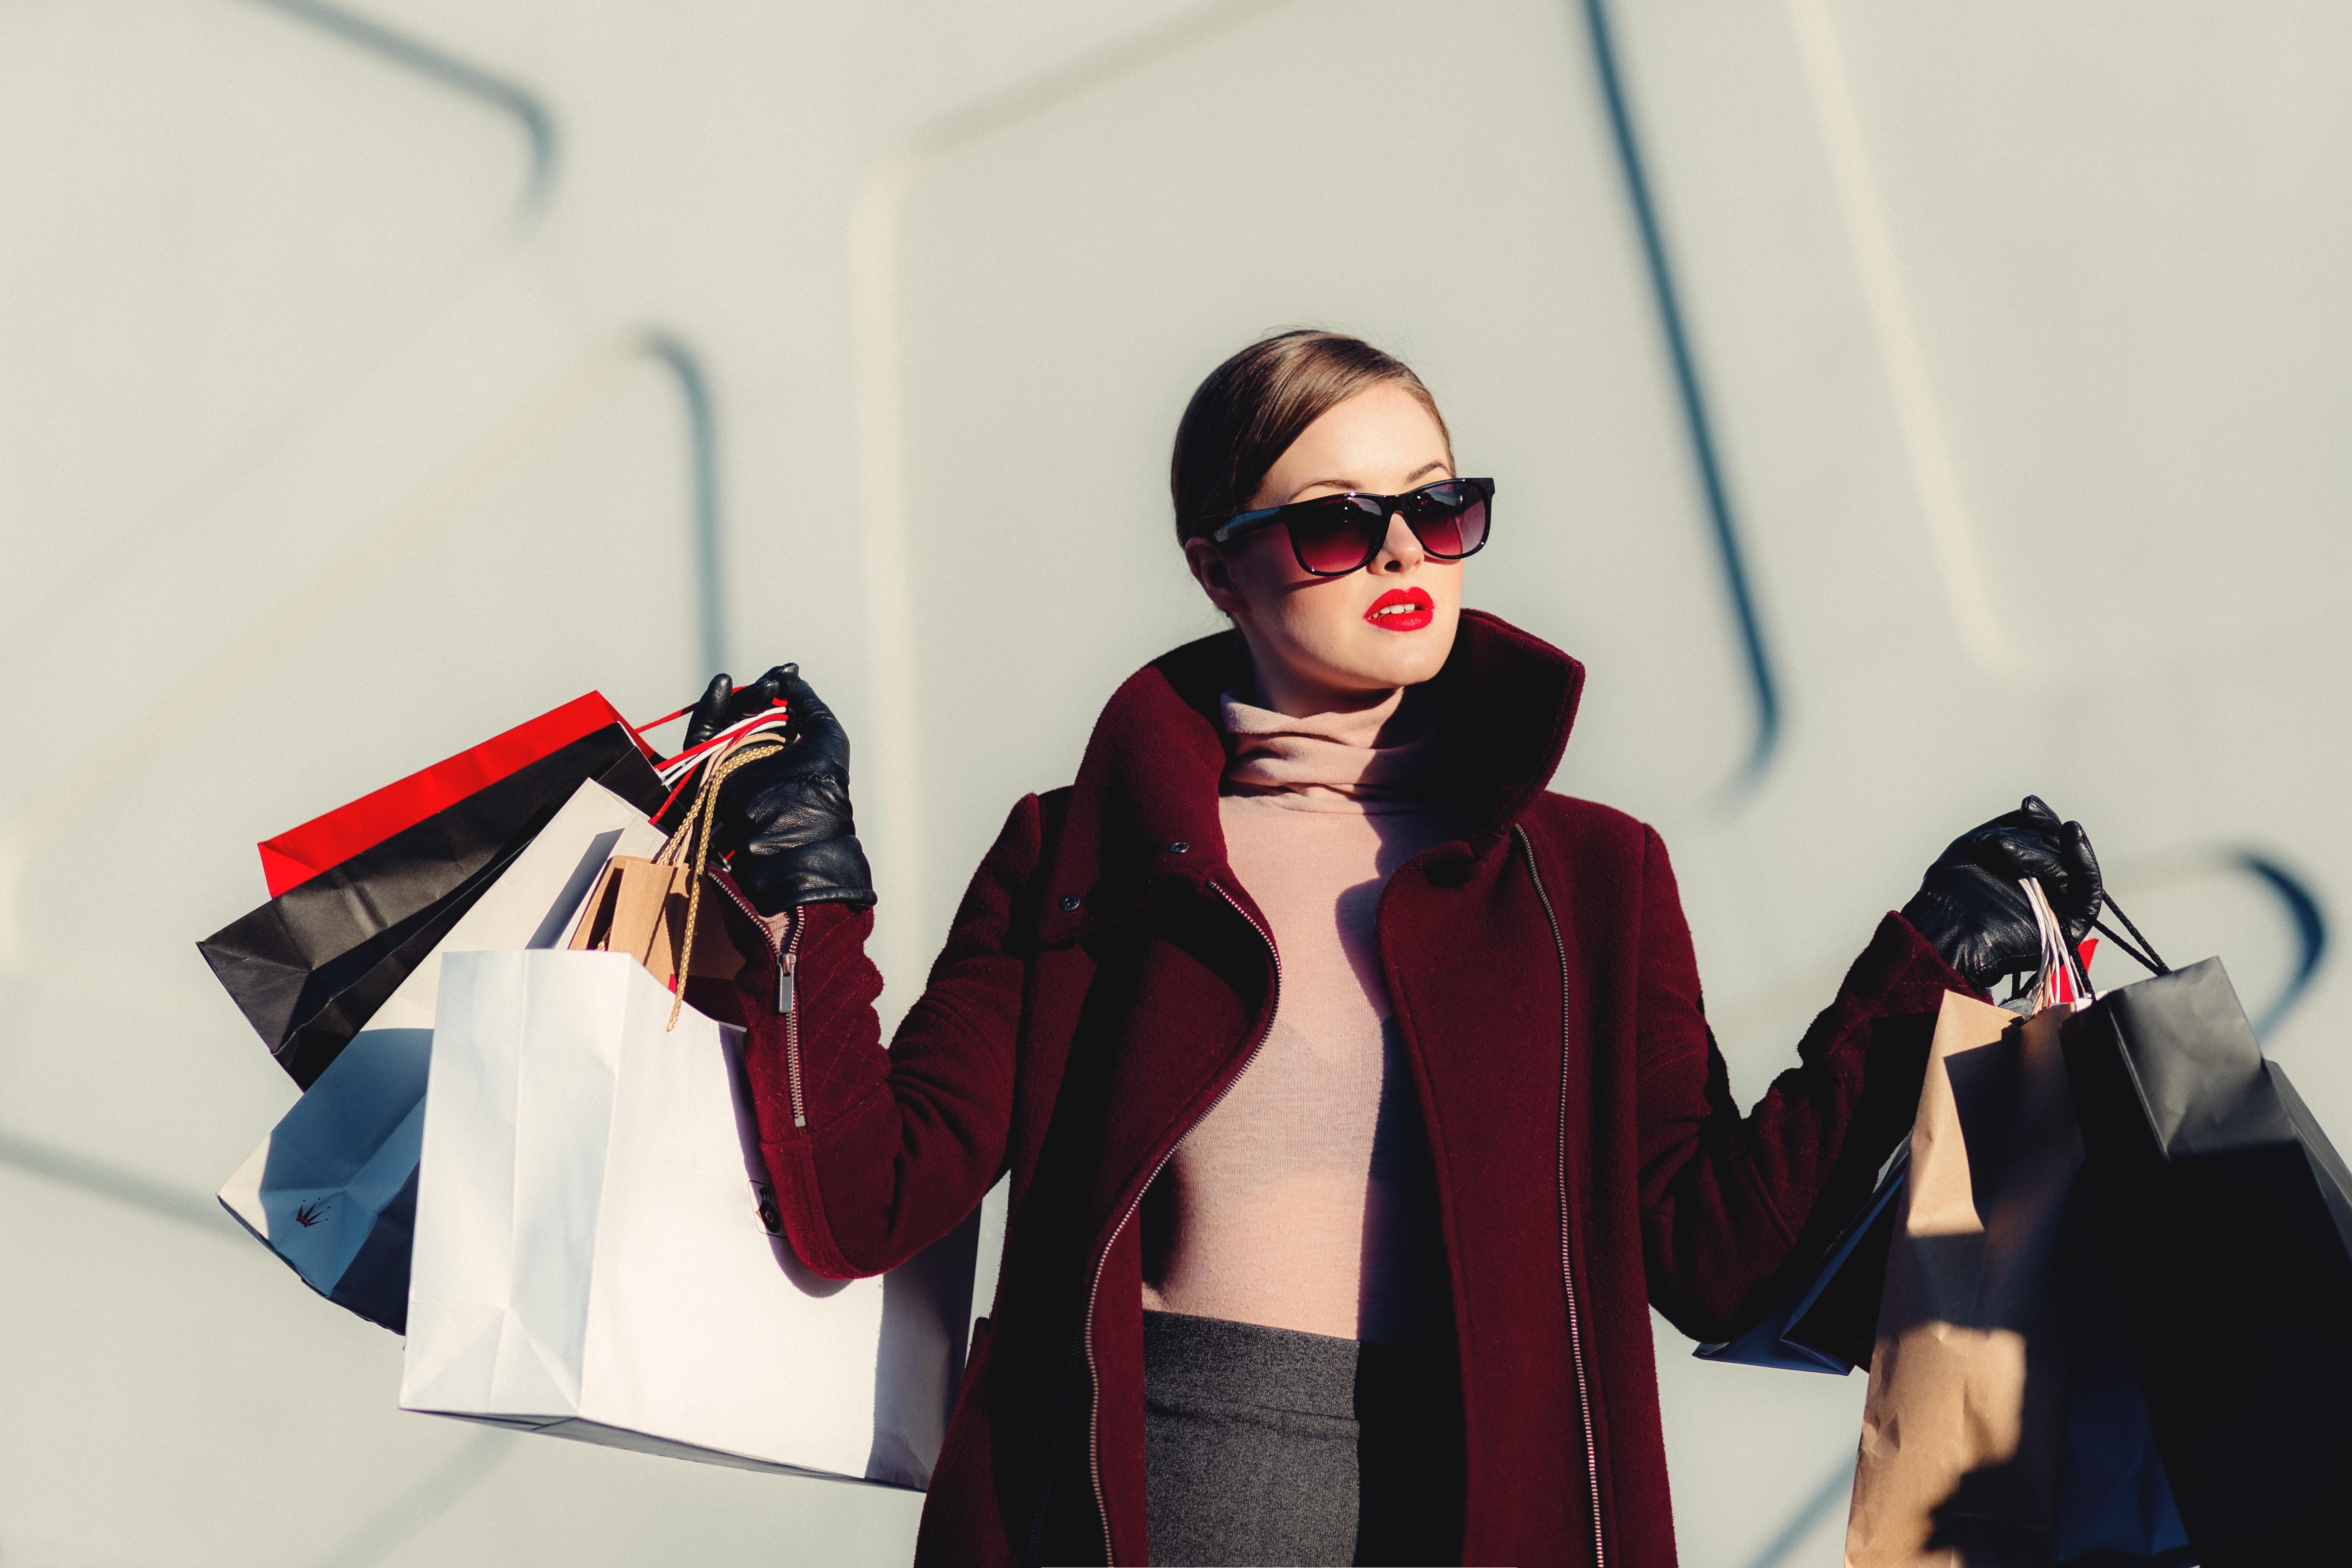 電商的崛起讓購物變得非常便利快速